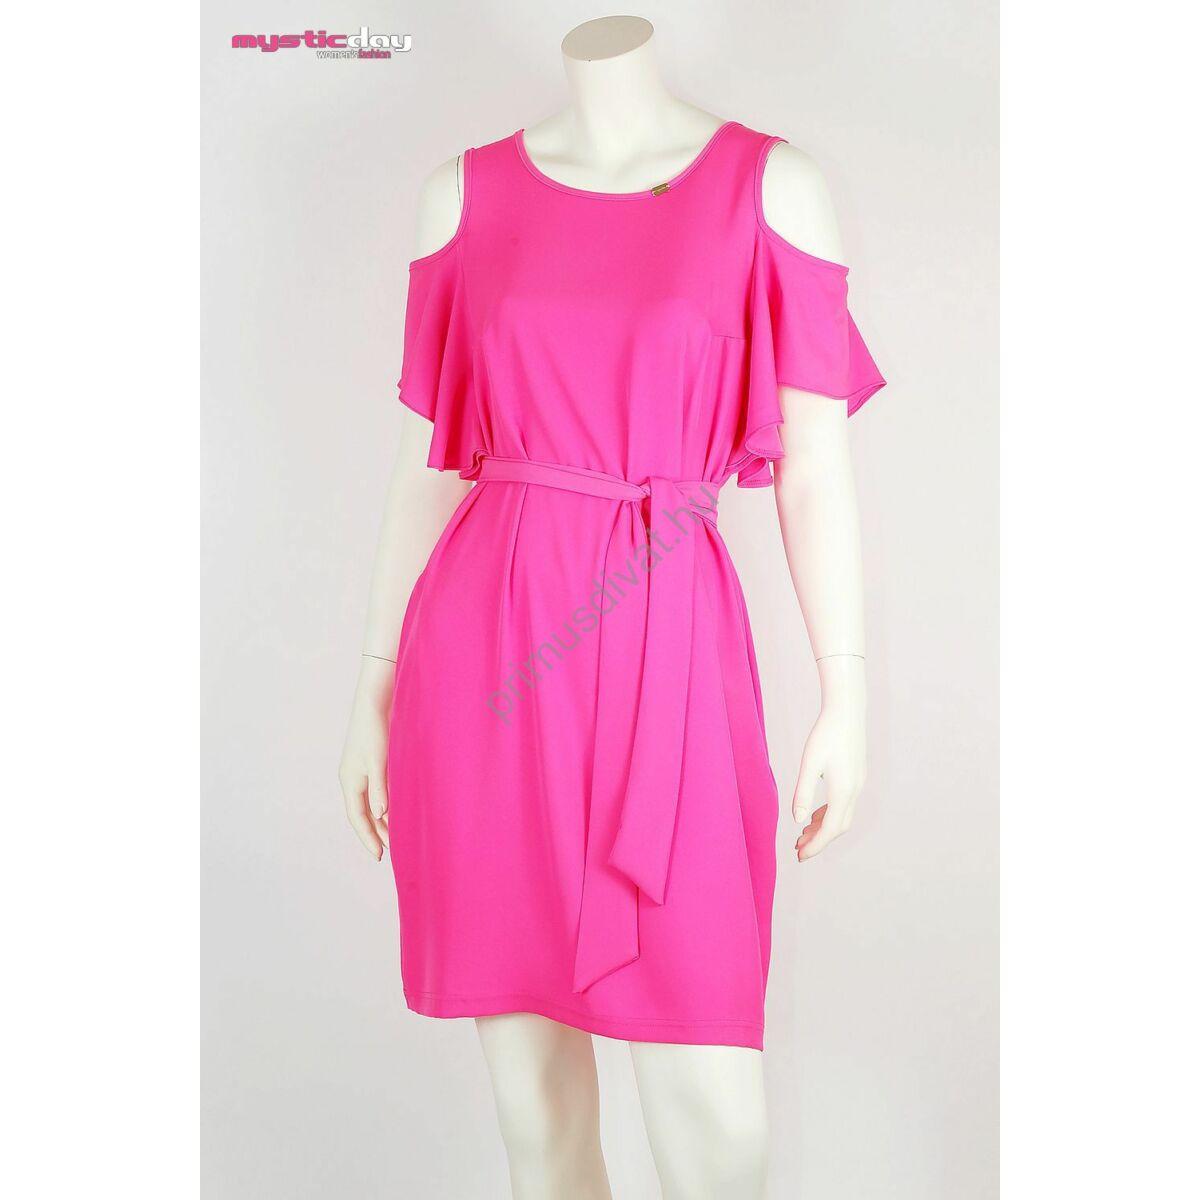 Mystic Day nyitott vállú rövid ujjú lenge, zsebes pink ruha